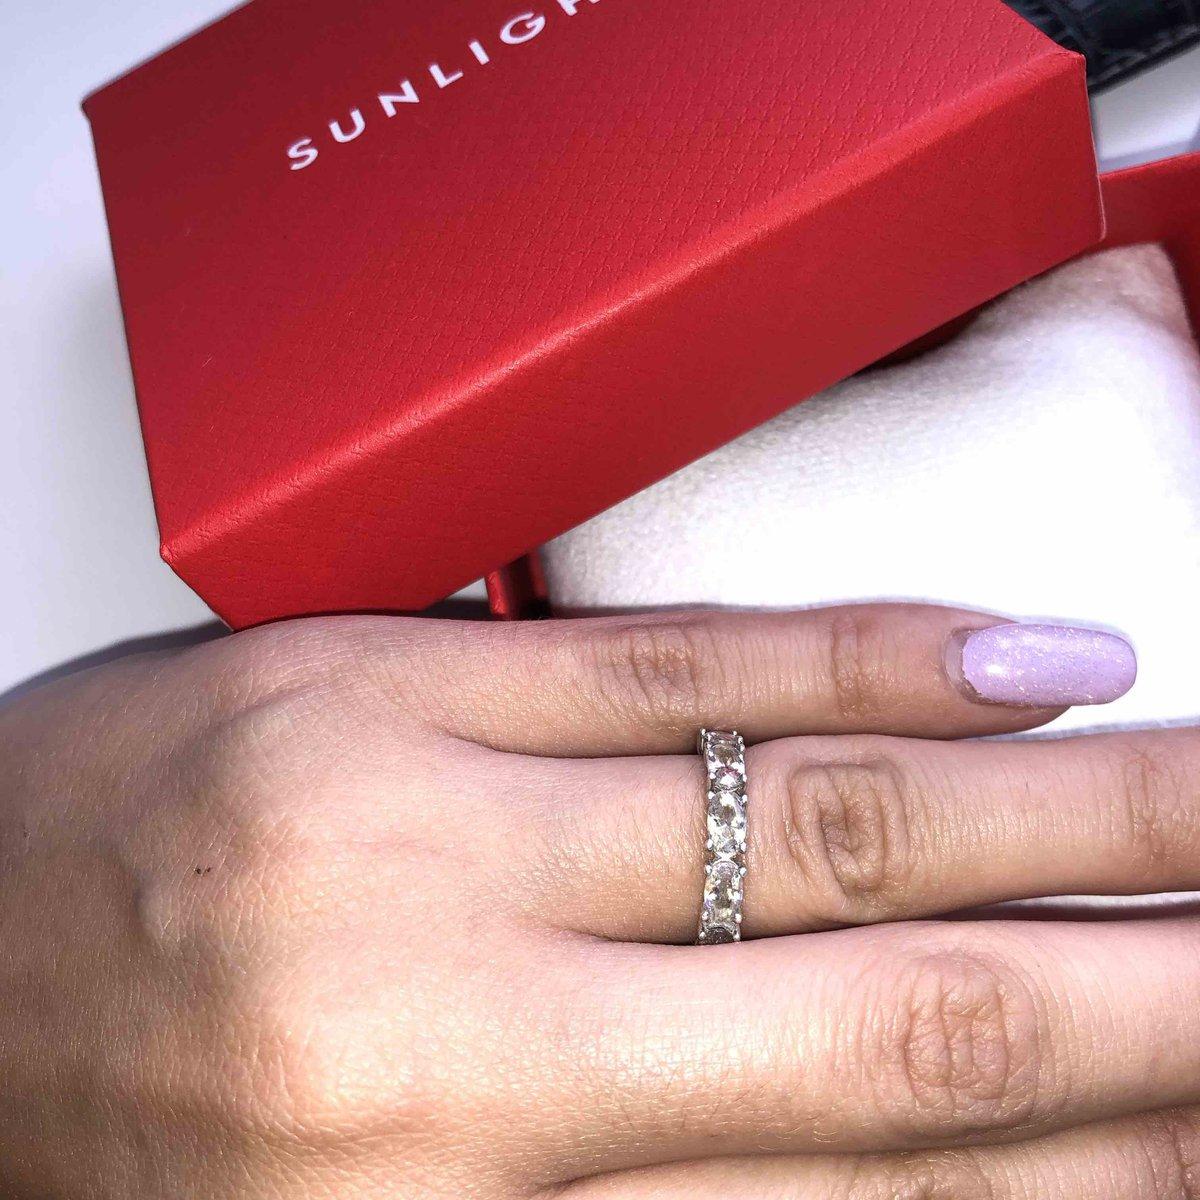 Достойное кольцо, покупала по акции